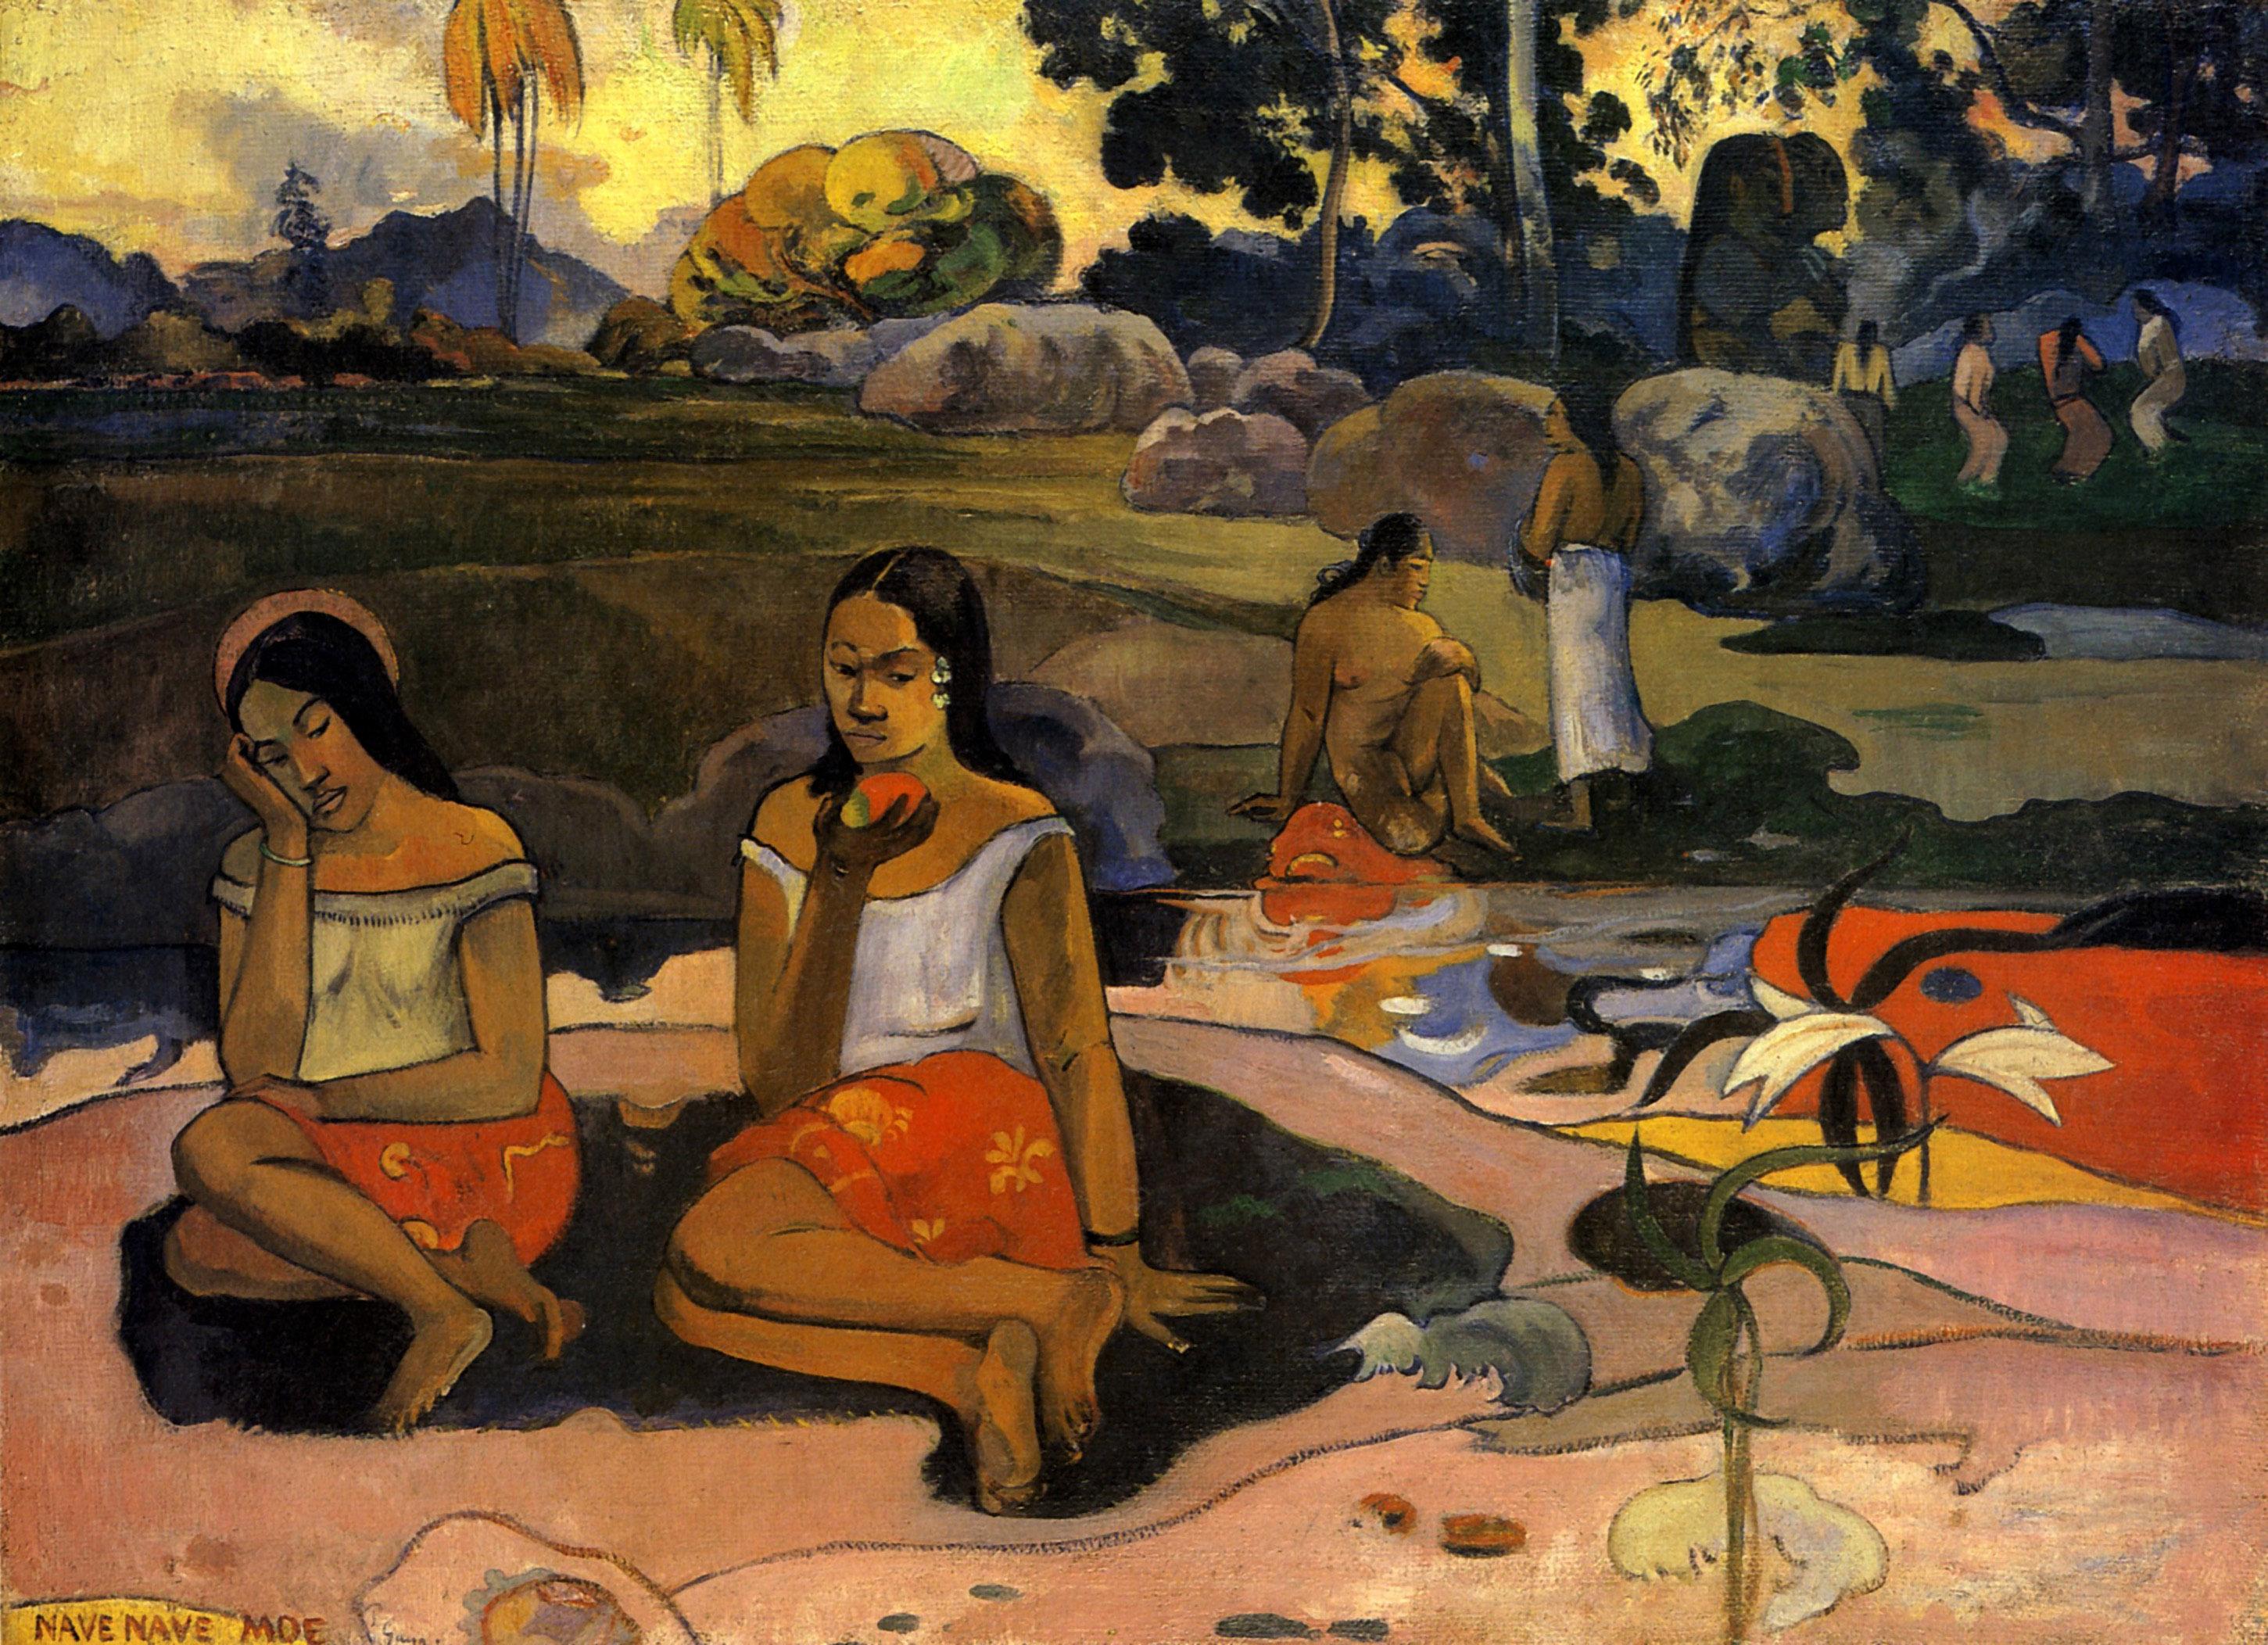 Paul Gauguin, Sacred Spring: Sweet Dreams (Nave nave moe), 1894, λάδι, Μουσείο Hermitage